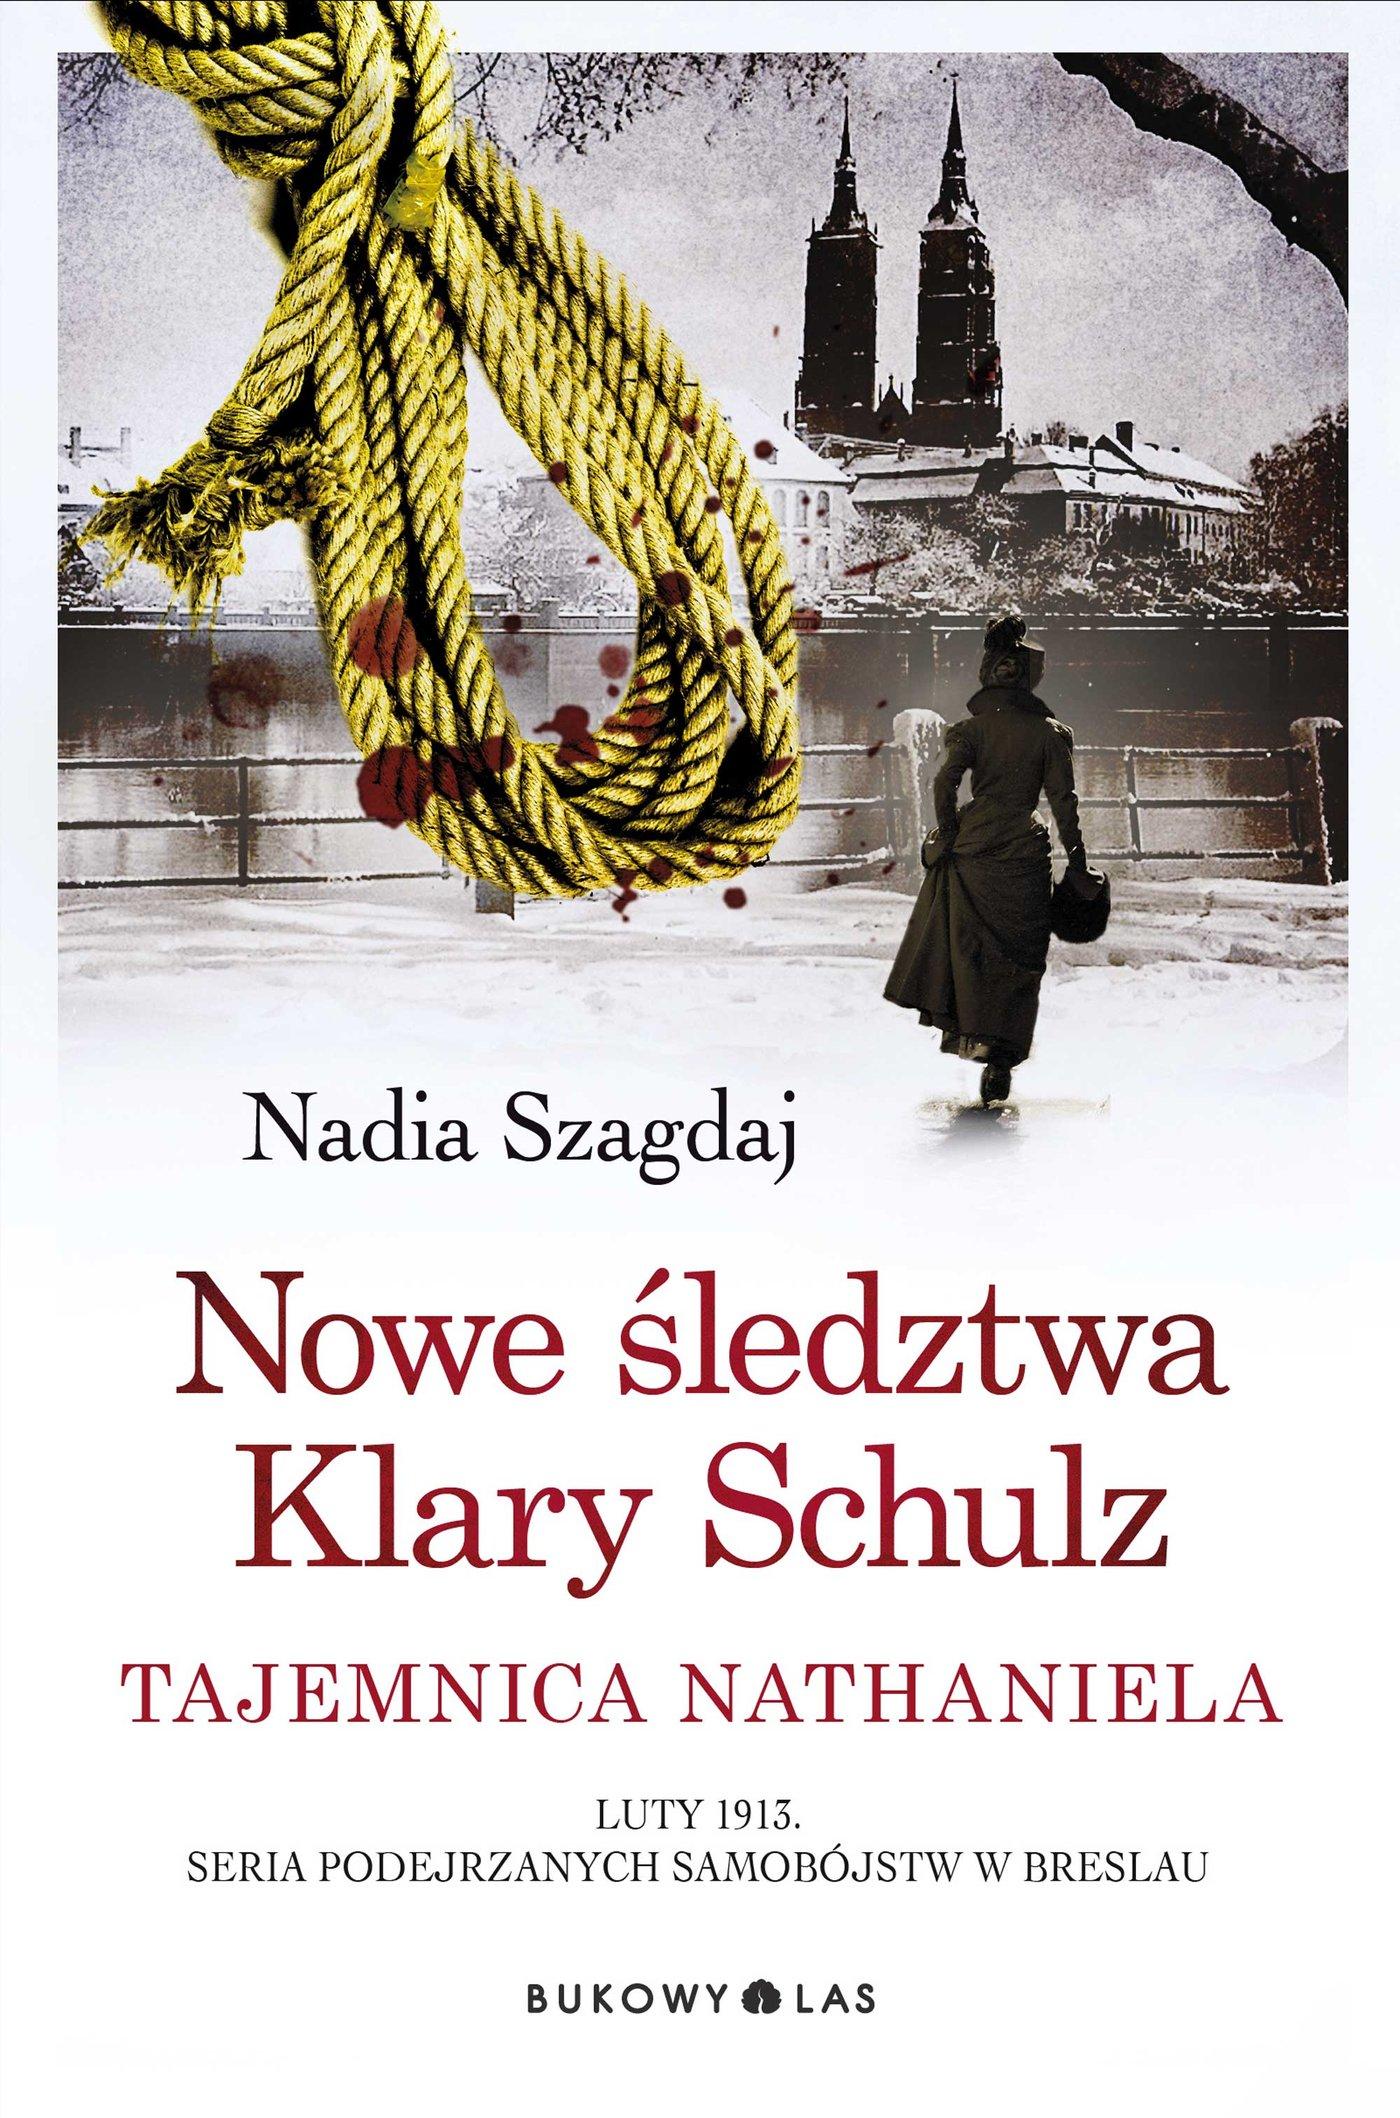 Nowe śledztwa Klary Schulz. Tajemnica Nathaniela - Ebook (Książka EPUB) do pobrania w formacie EPUB